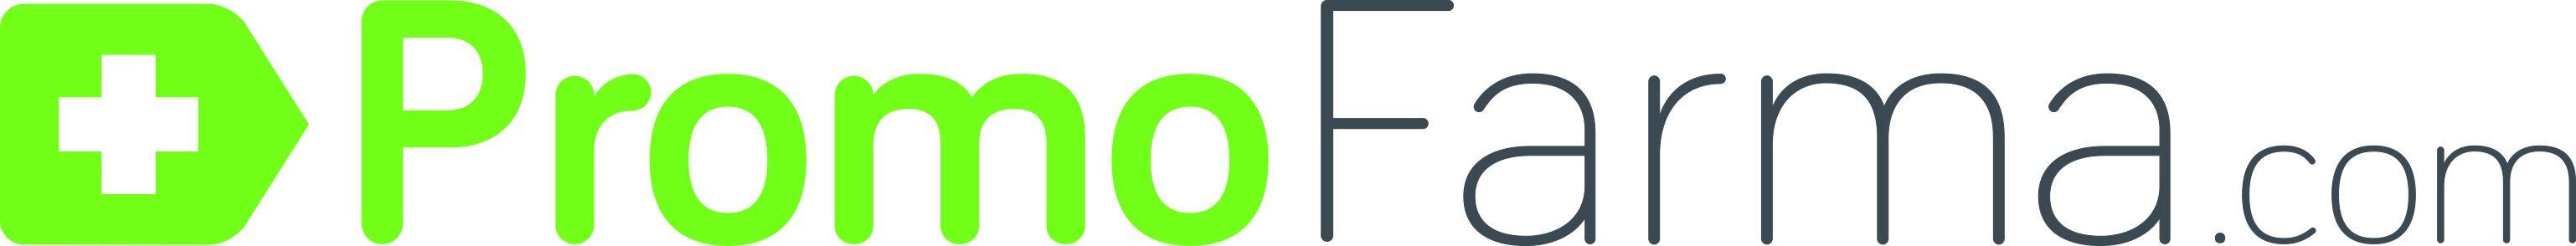 Fotografia Logotipo Promofarma